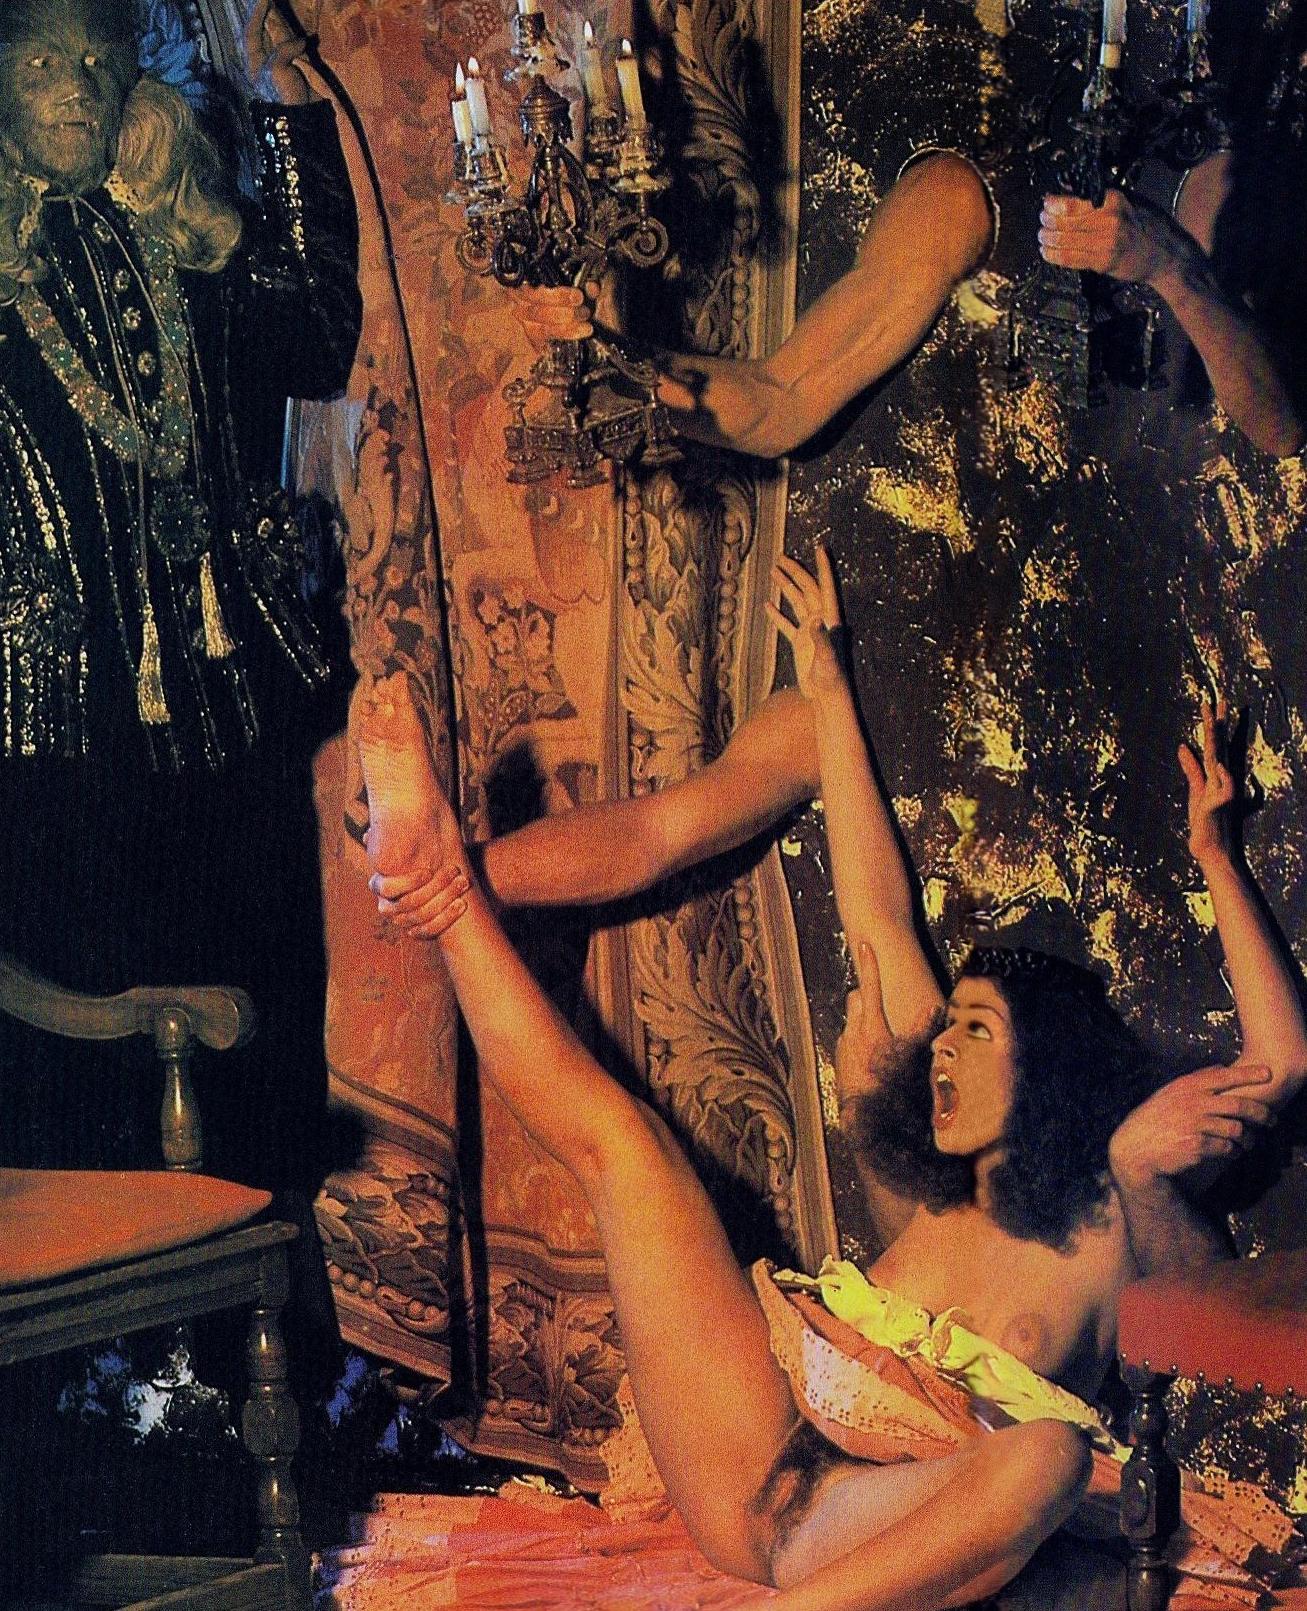 Alice In Wonderland A Musical Porno 1976 retro—fucking